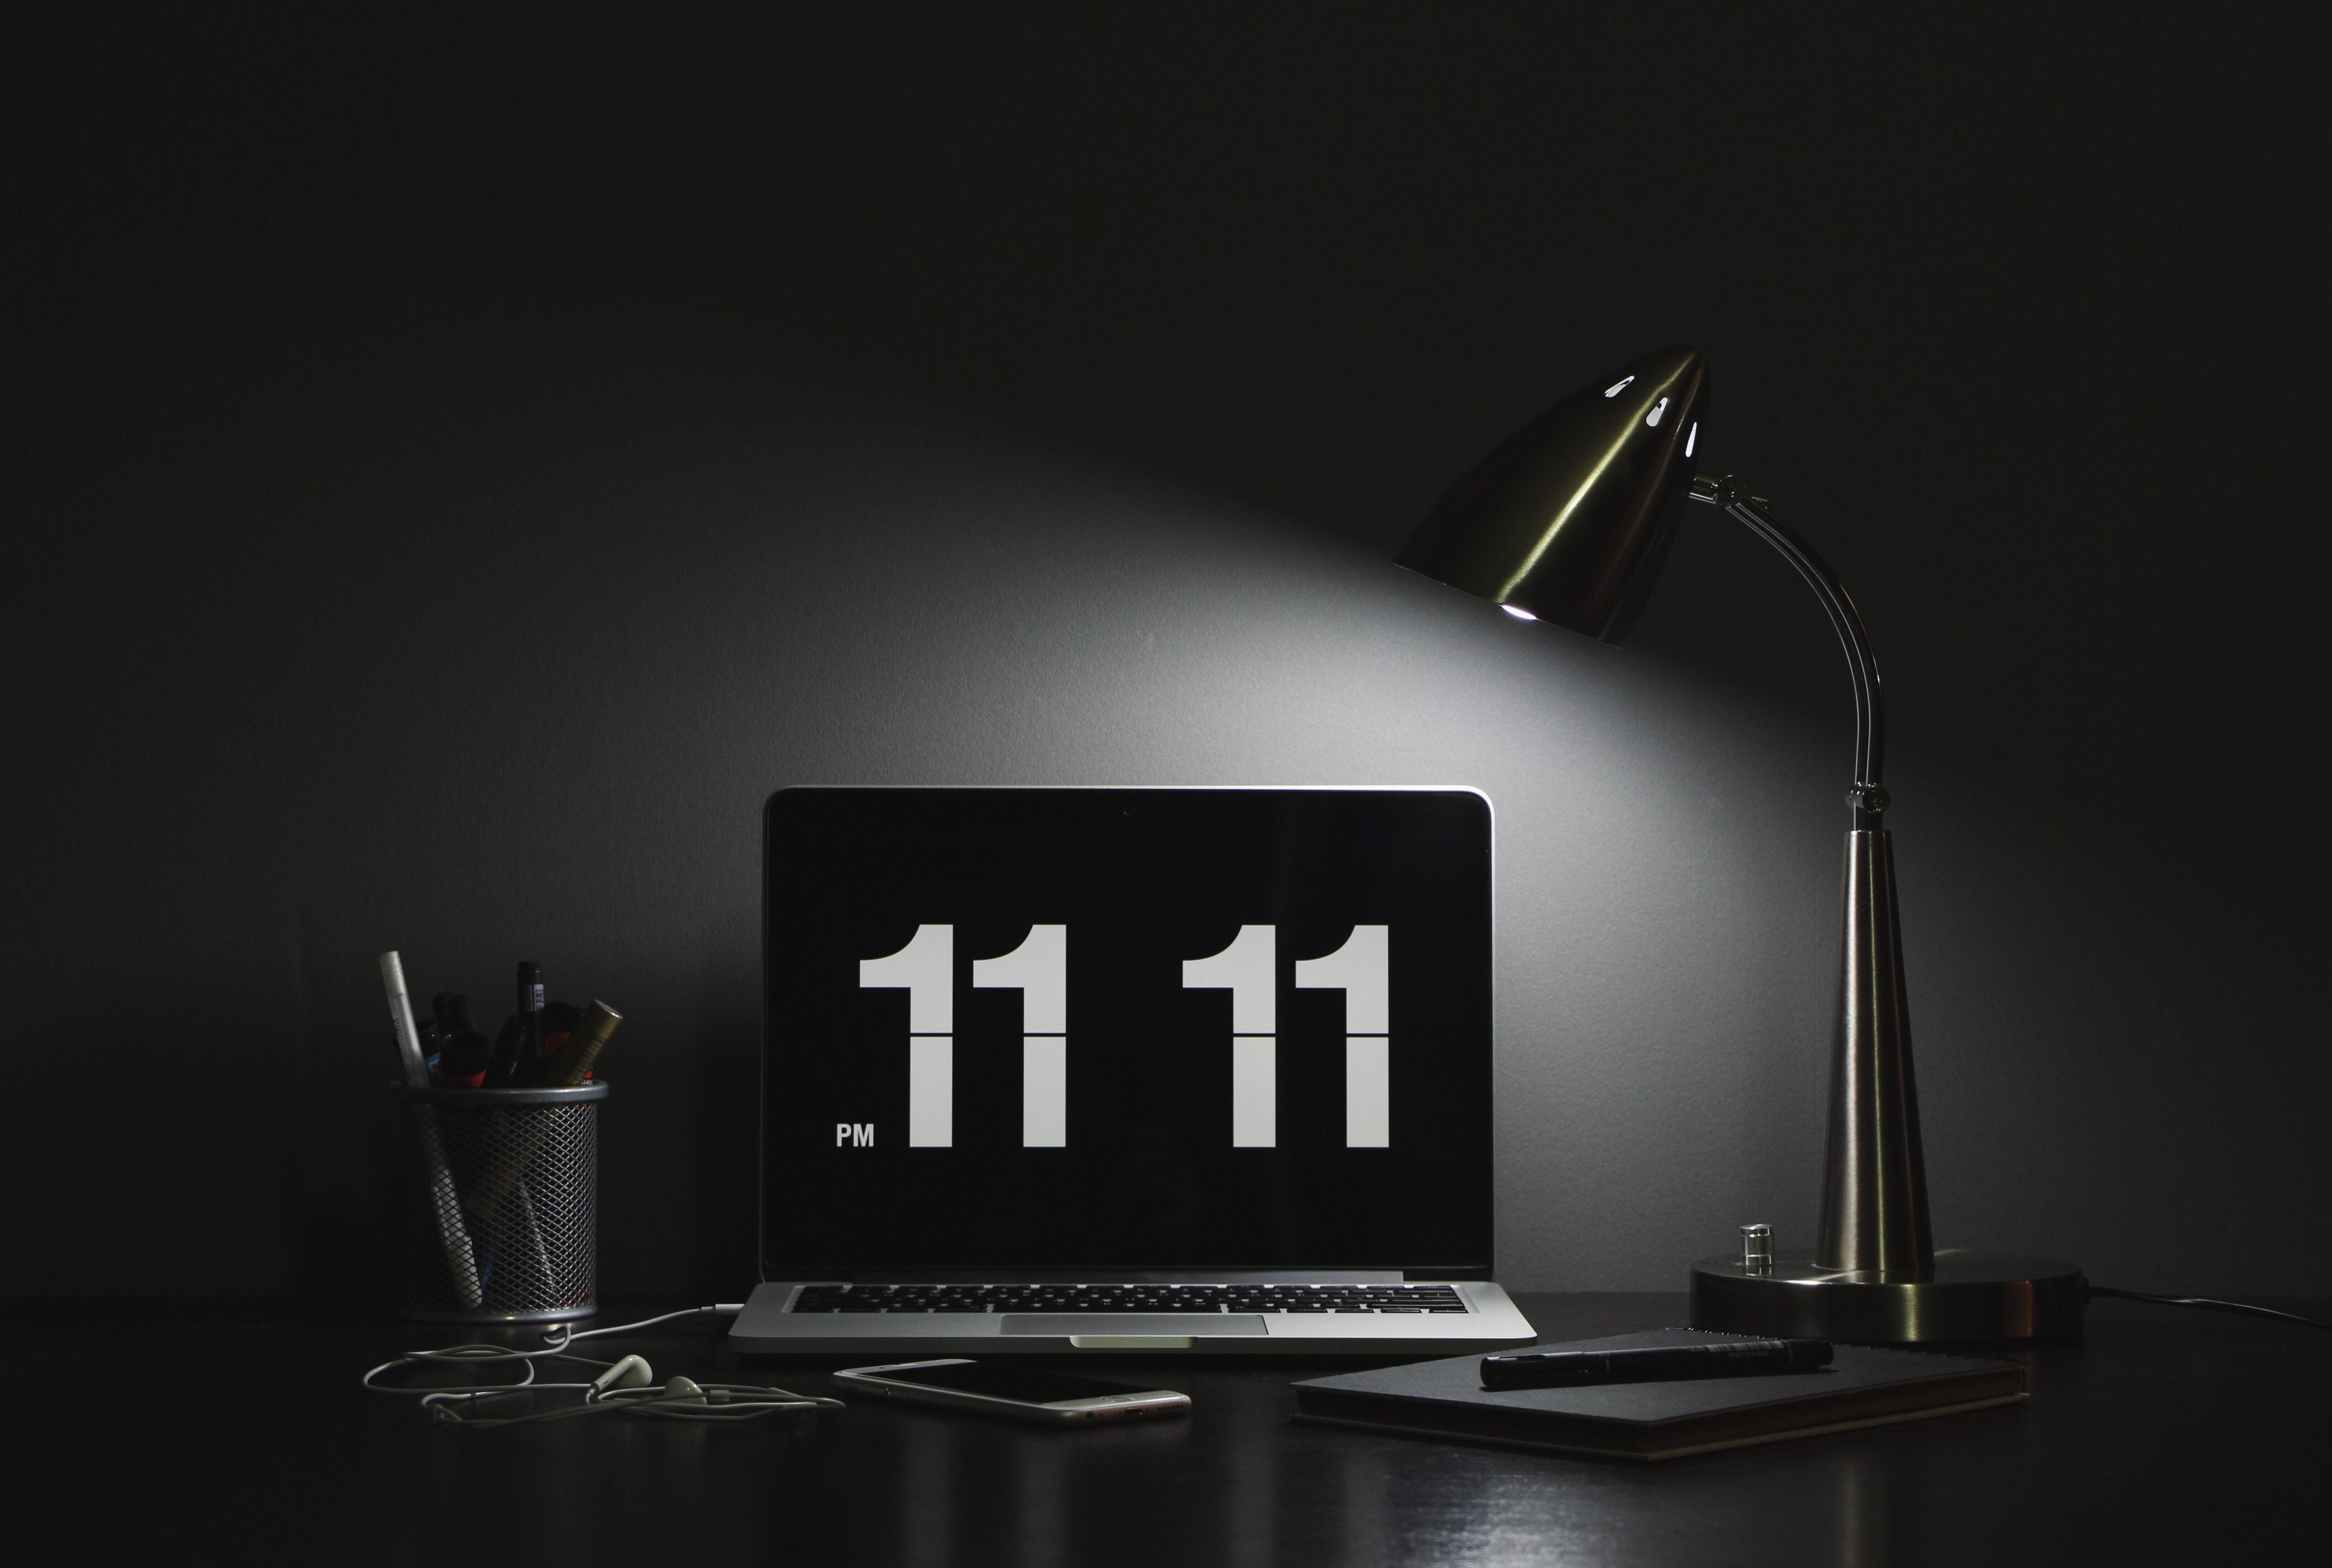 78565壁紙のダウンロード闇, 暗い, ノート, ラップトップ, 数字, 数, デスクトップ-スクリーンセーバーと写真を無料で